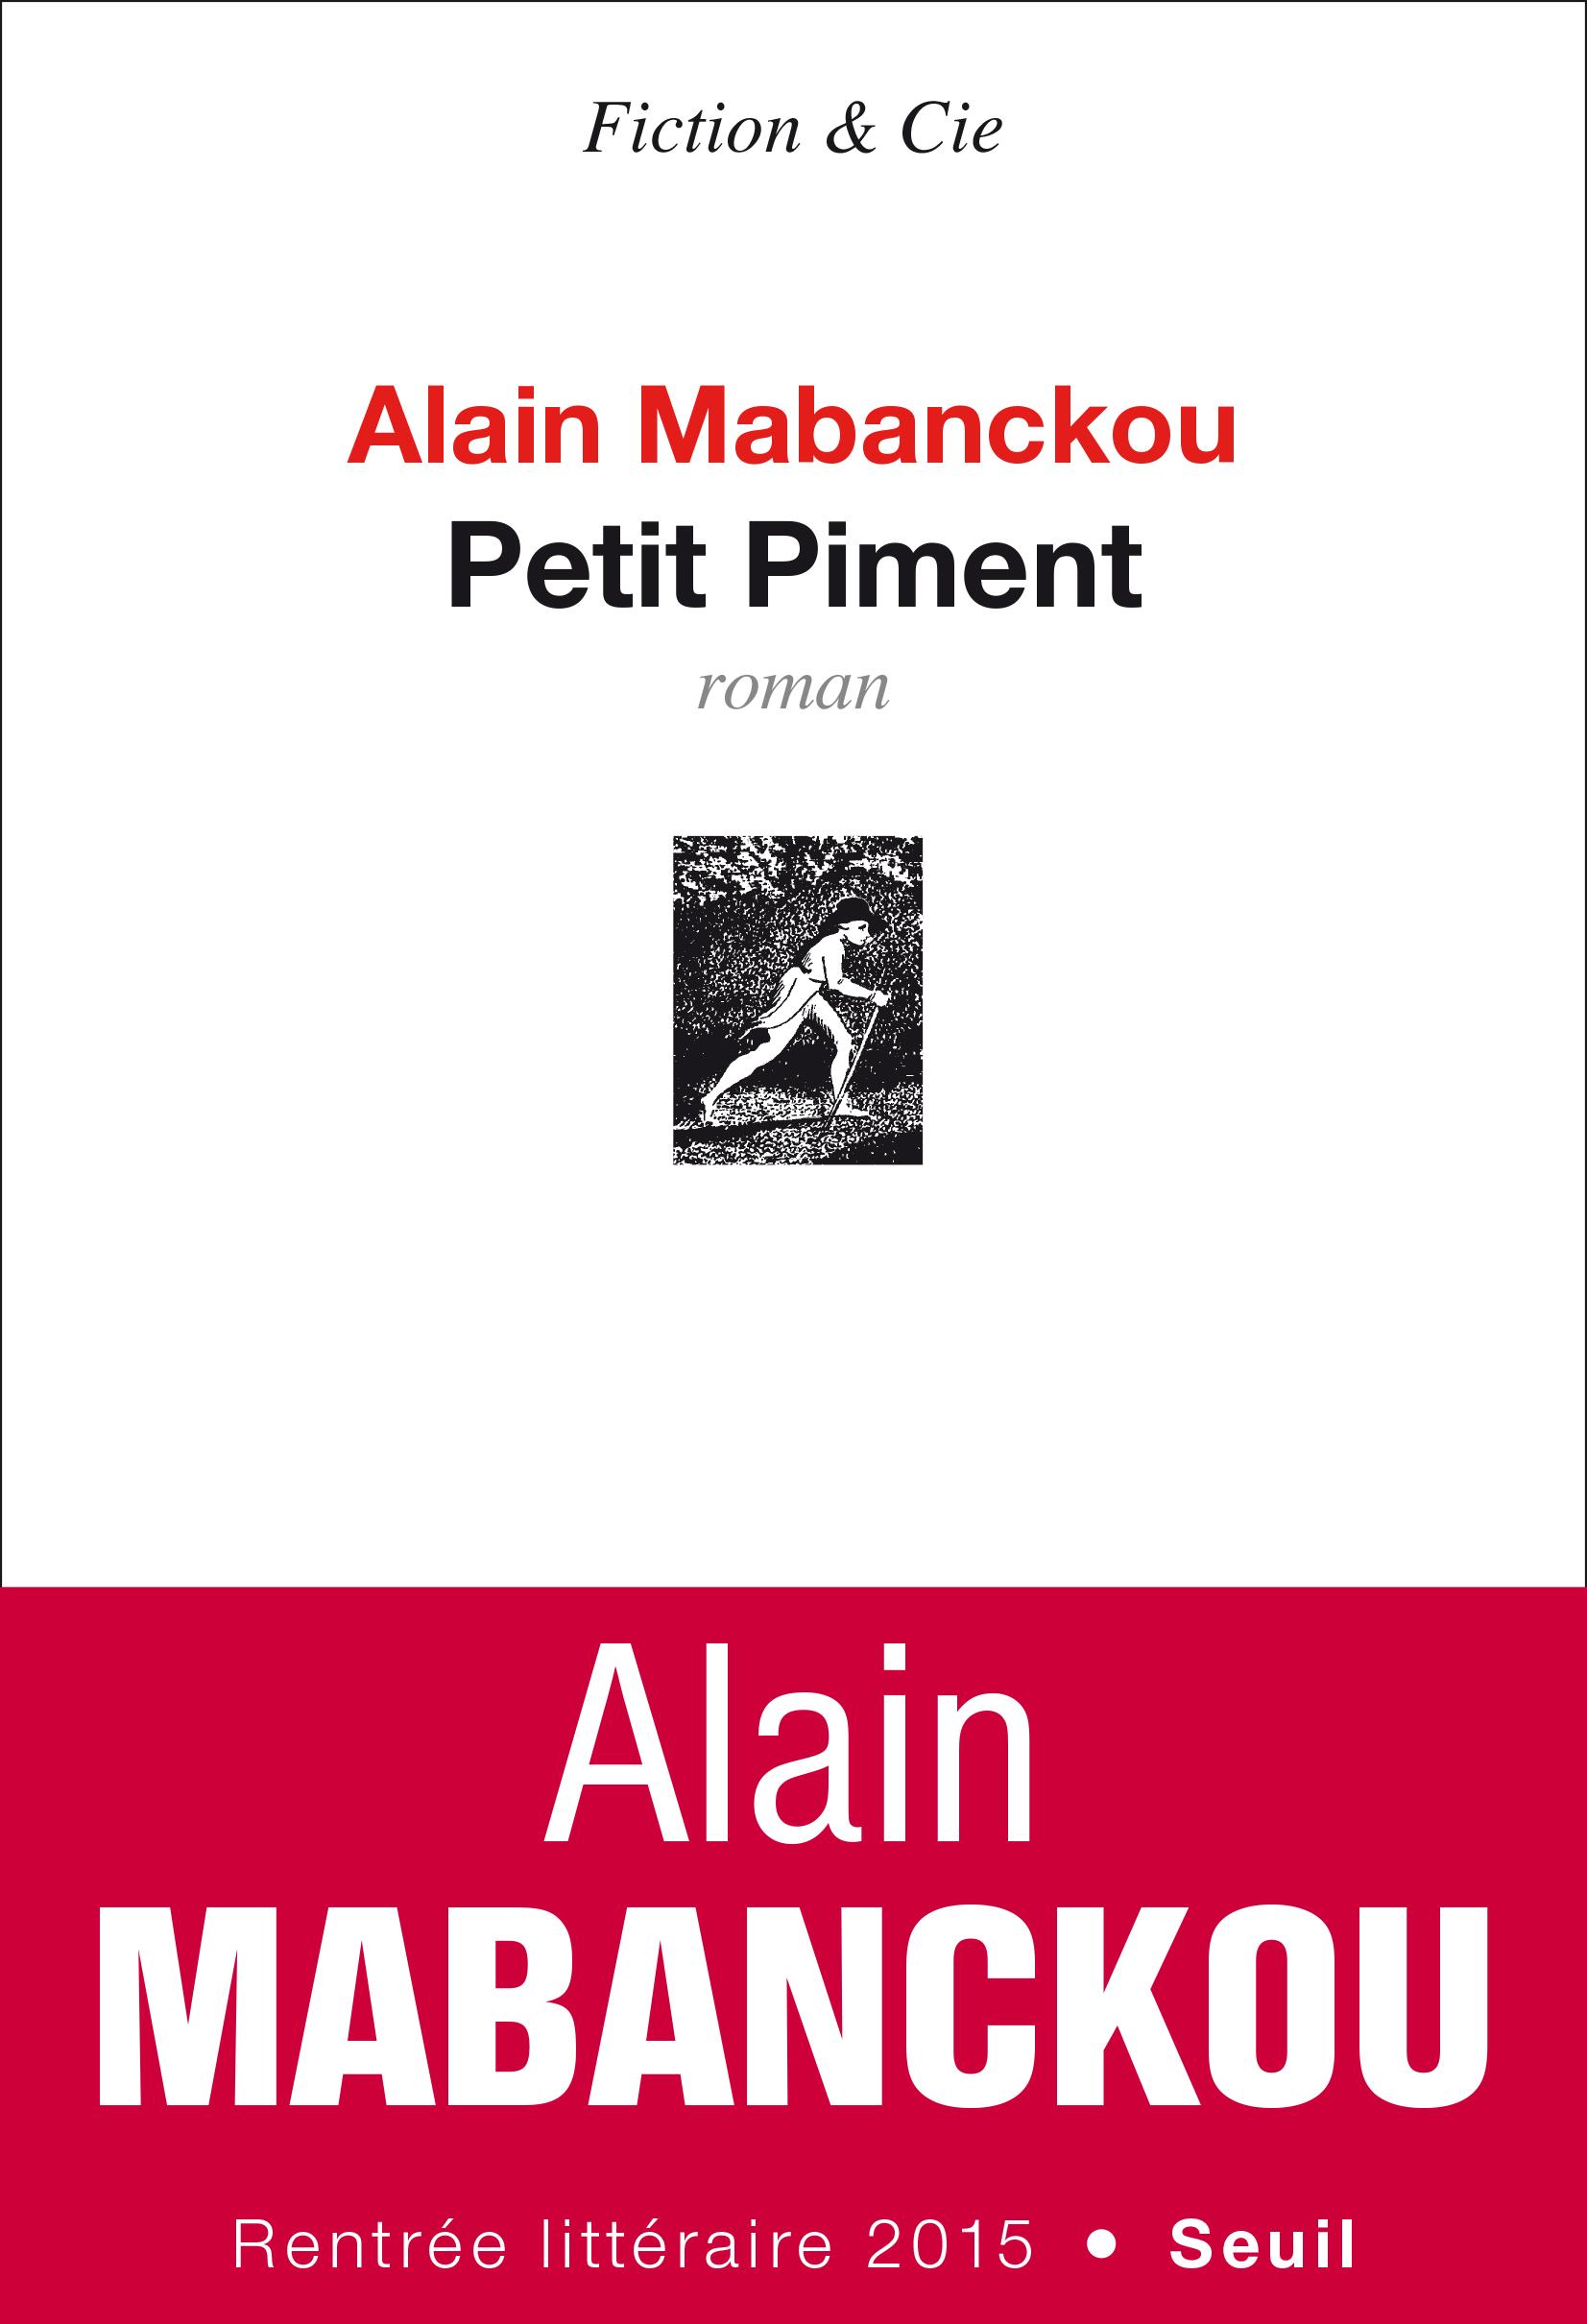 Petit Piment, d'Alain Mabanckou, éd. du Seuil, 288 pages, 18,50 euros, à paraître le 20 août.